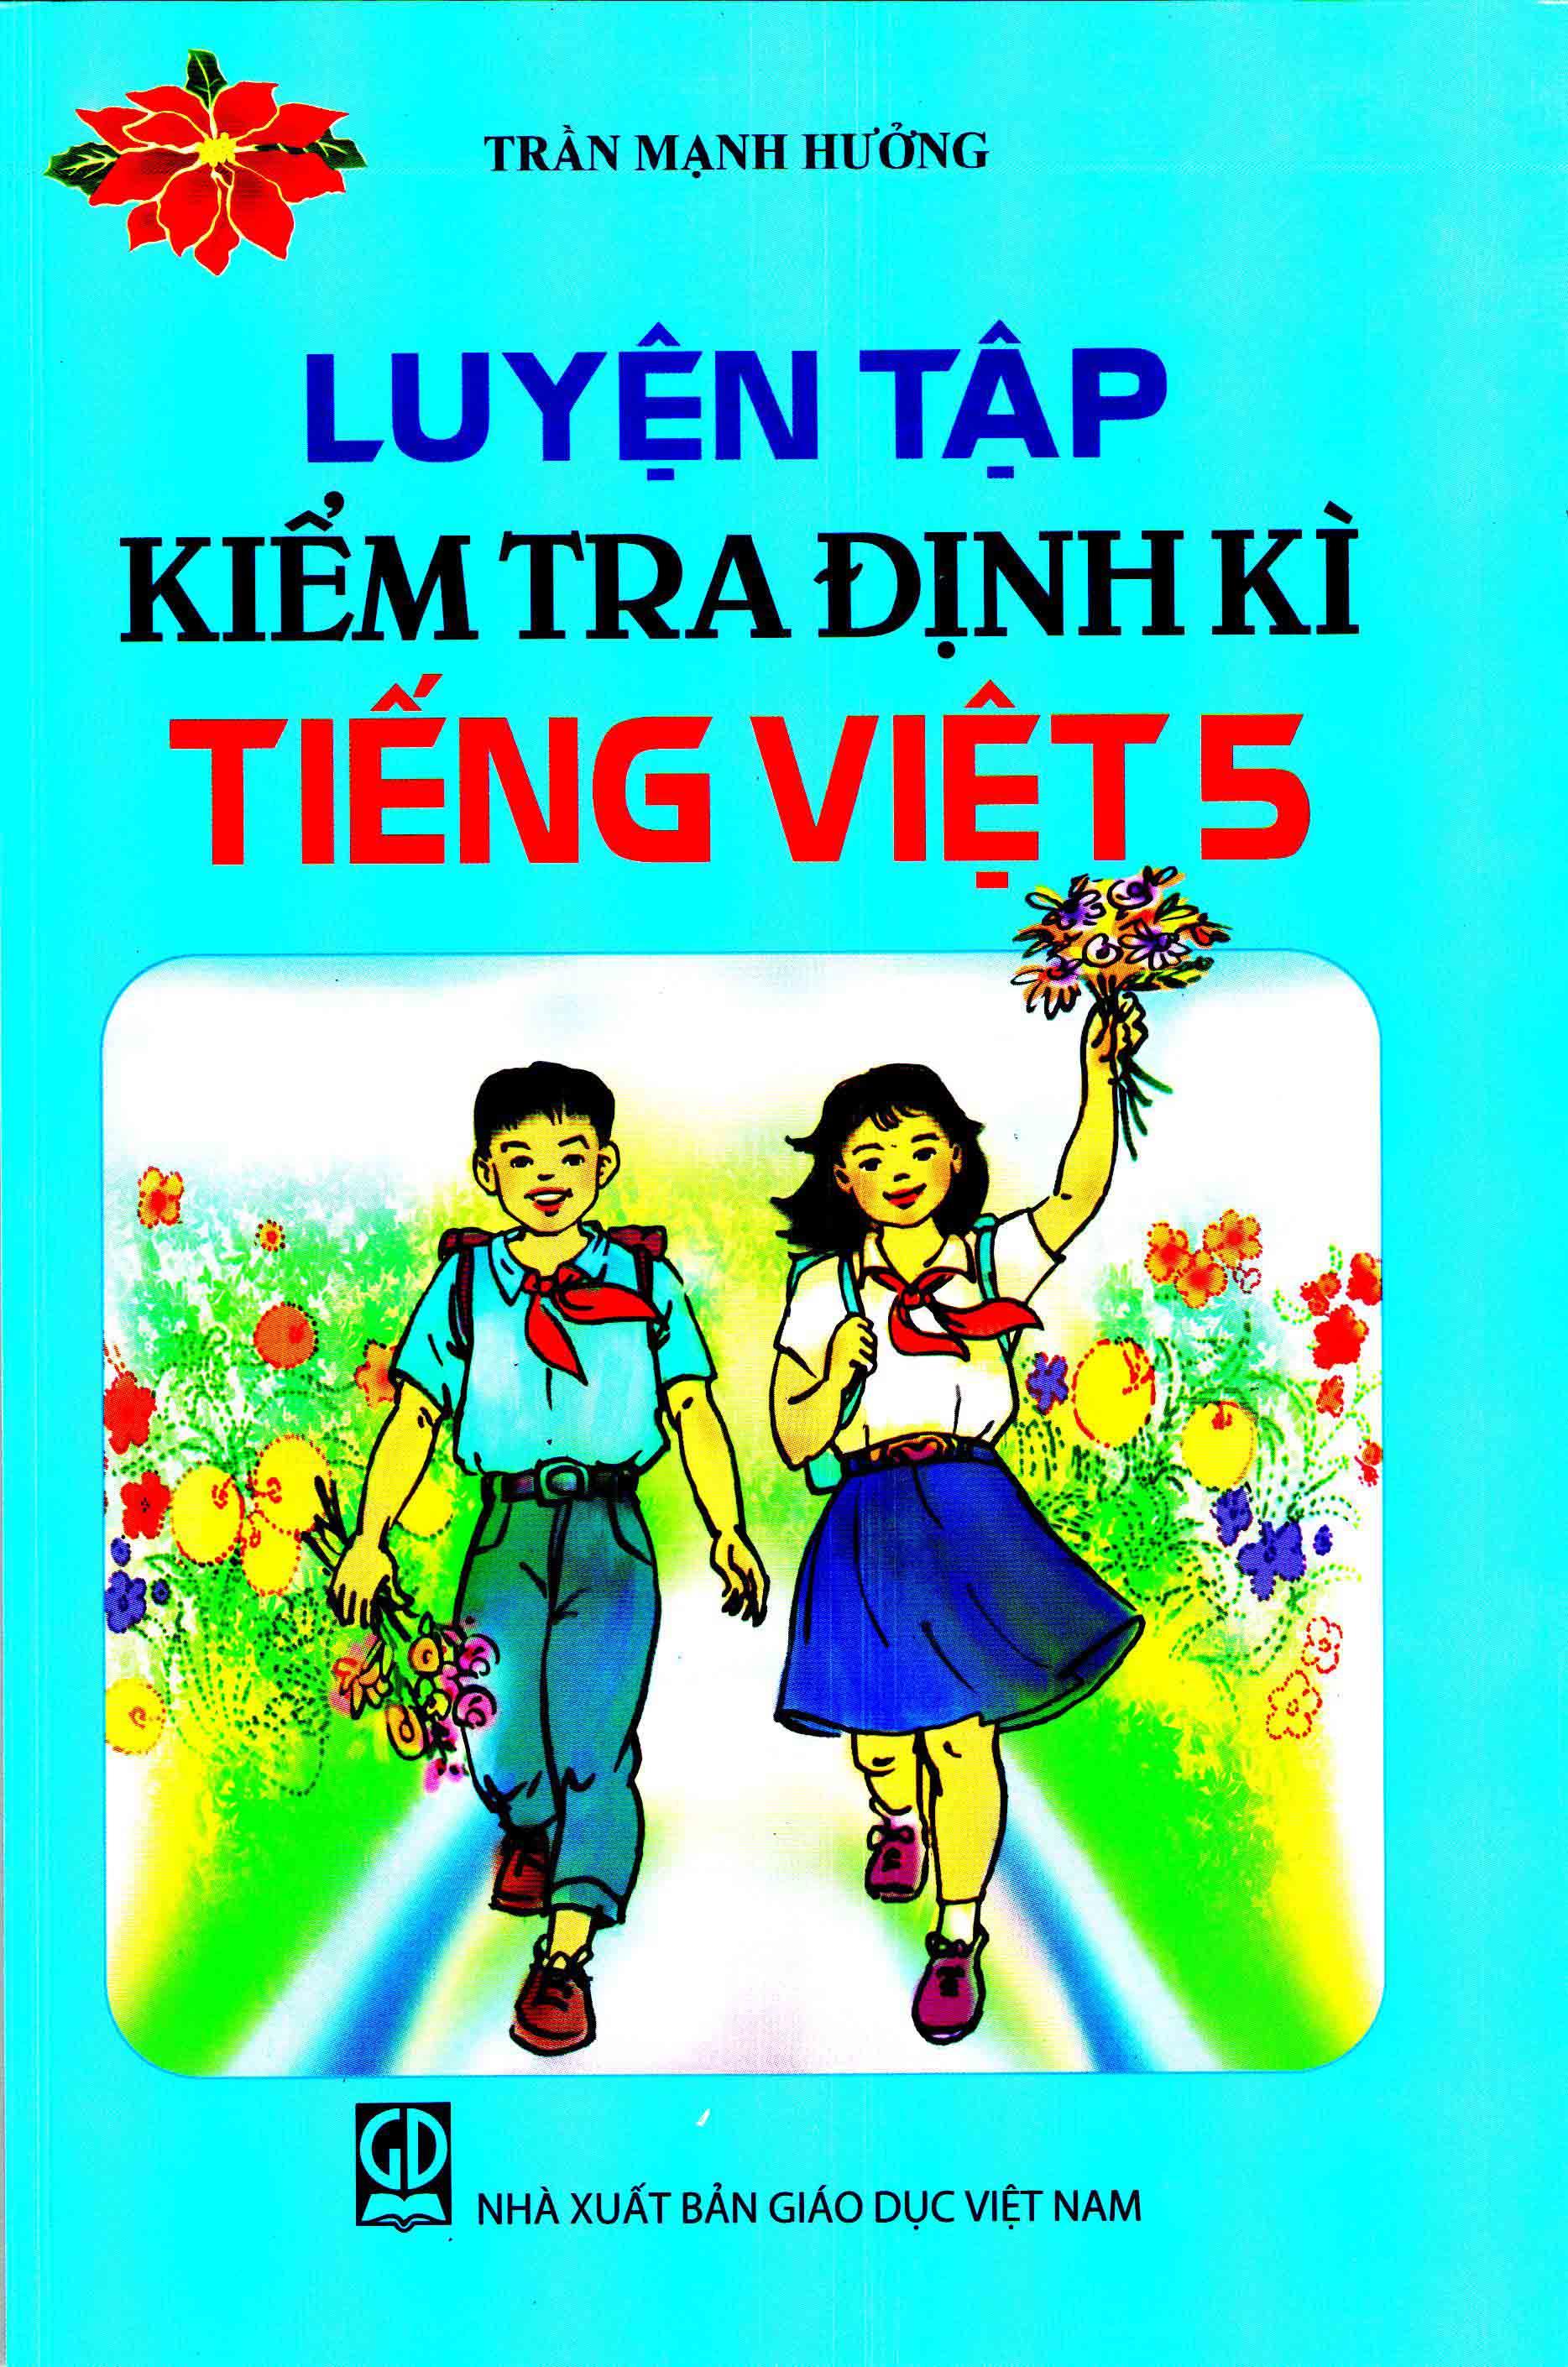 Luyện tập kiểm tra định kì Tiếng Việt 5